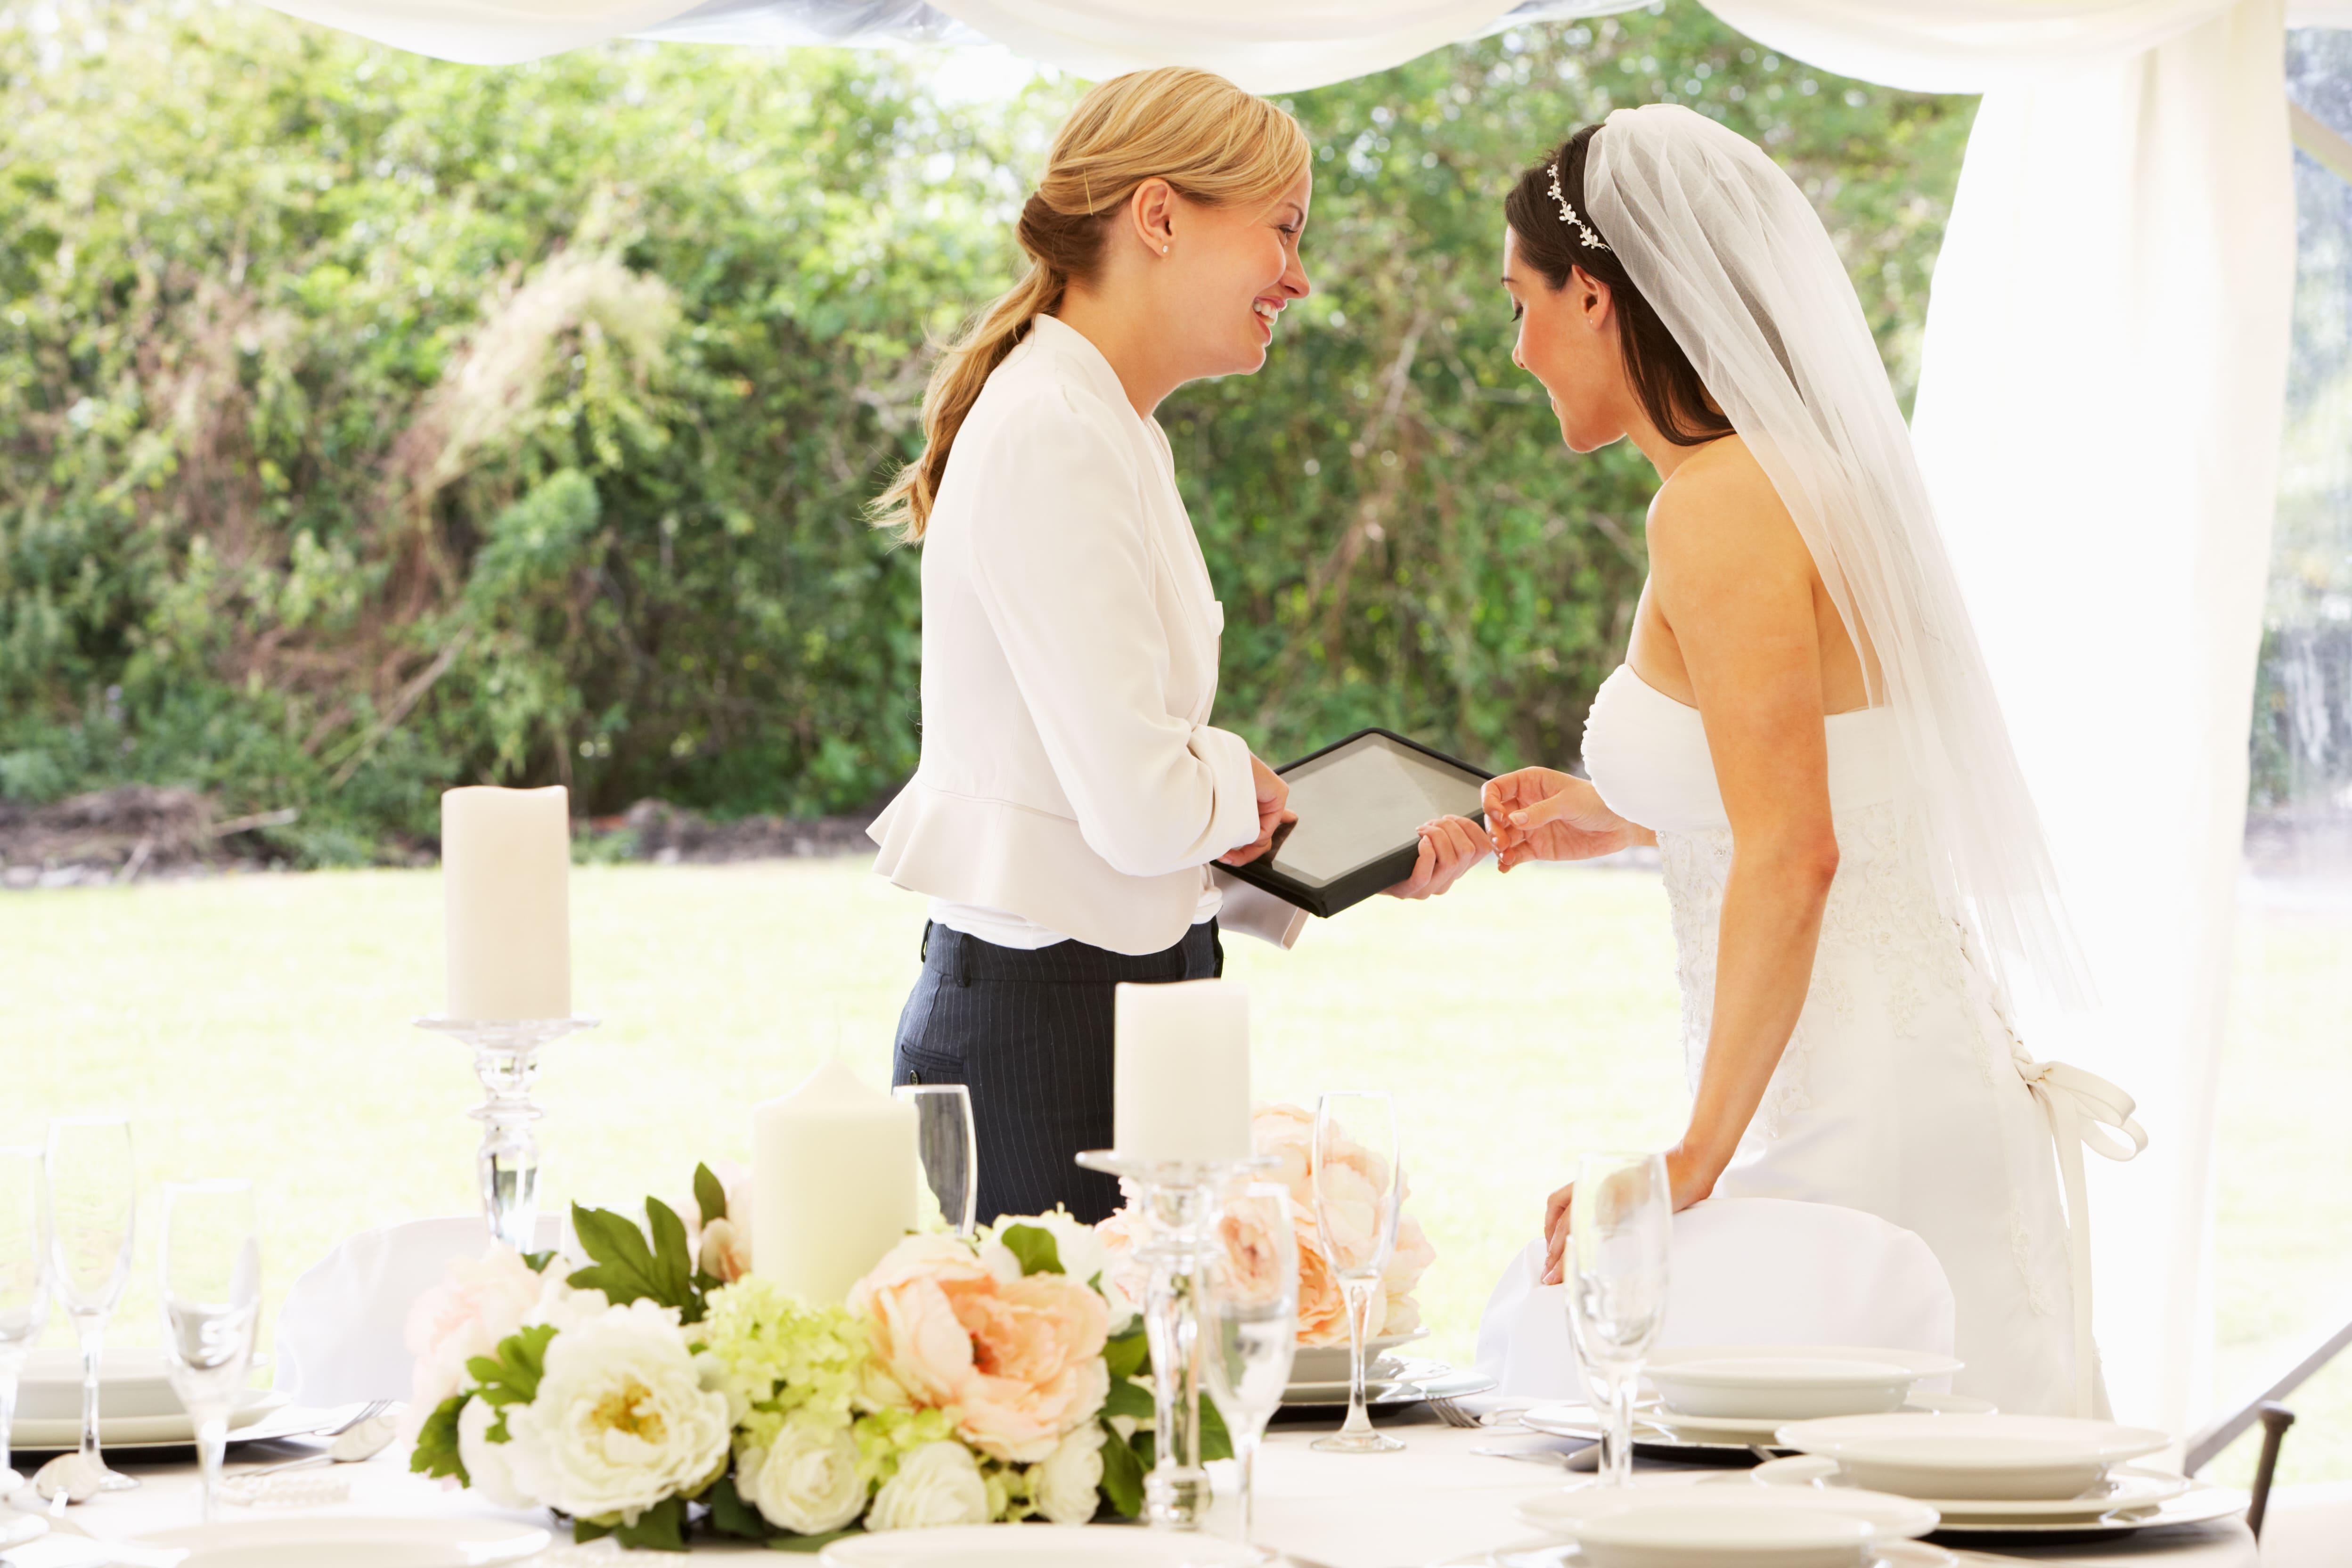 asesor de imagen wedding planner